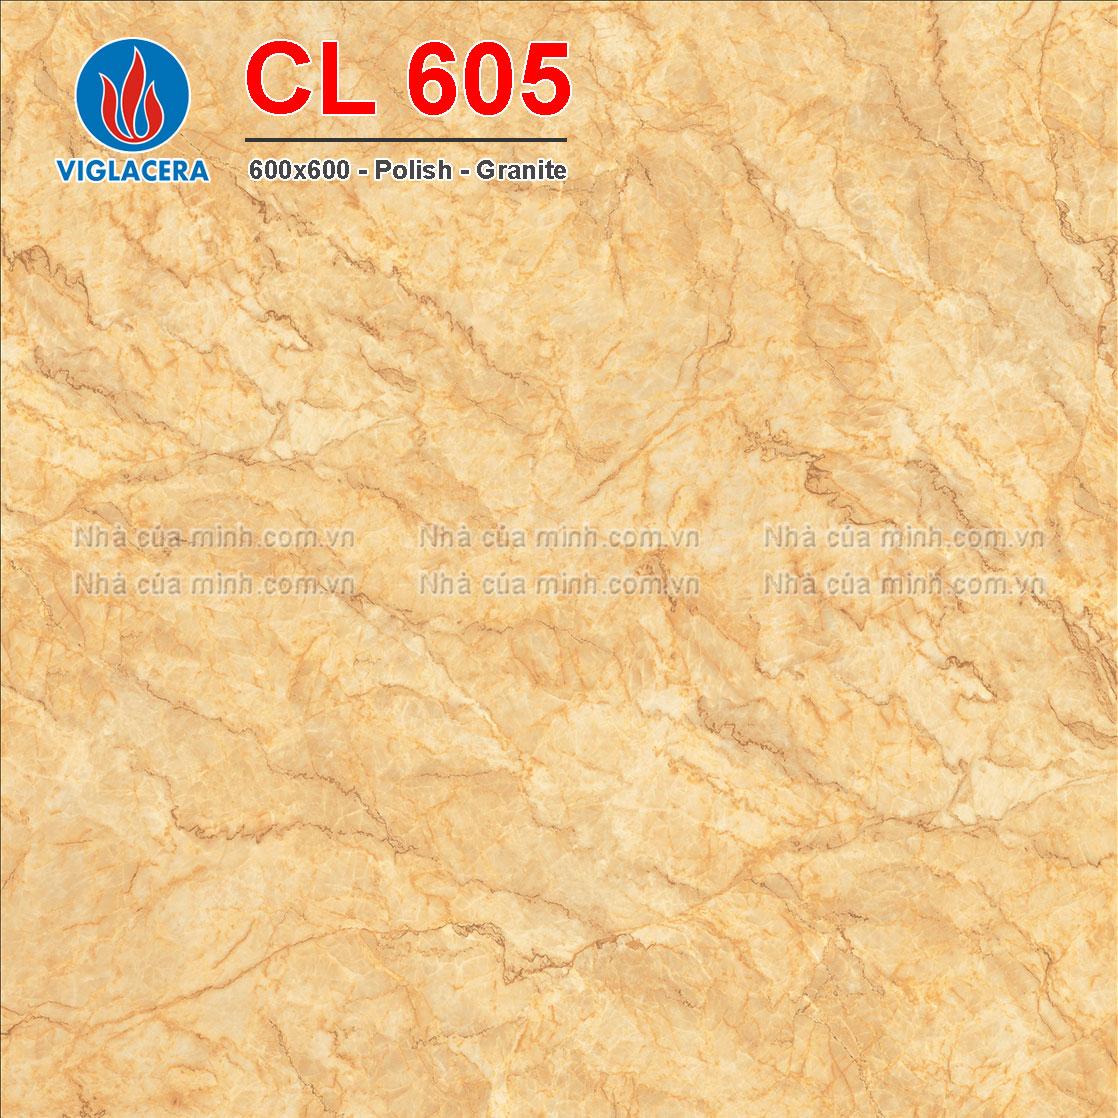 Gạch lát nền 600x600 Viglacera CL 605 giá rẻ